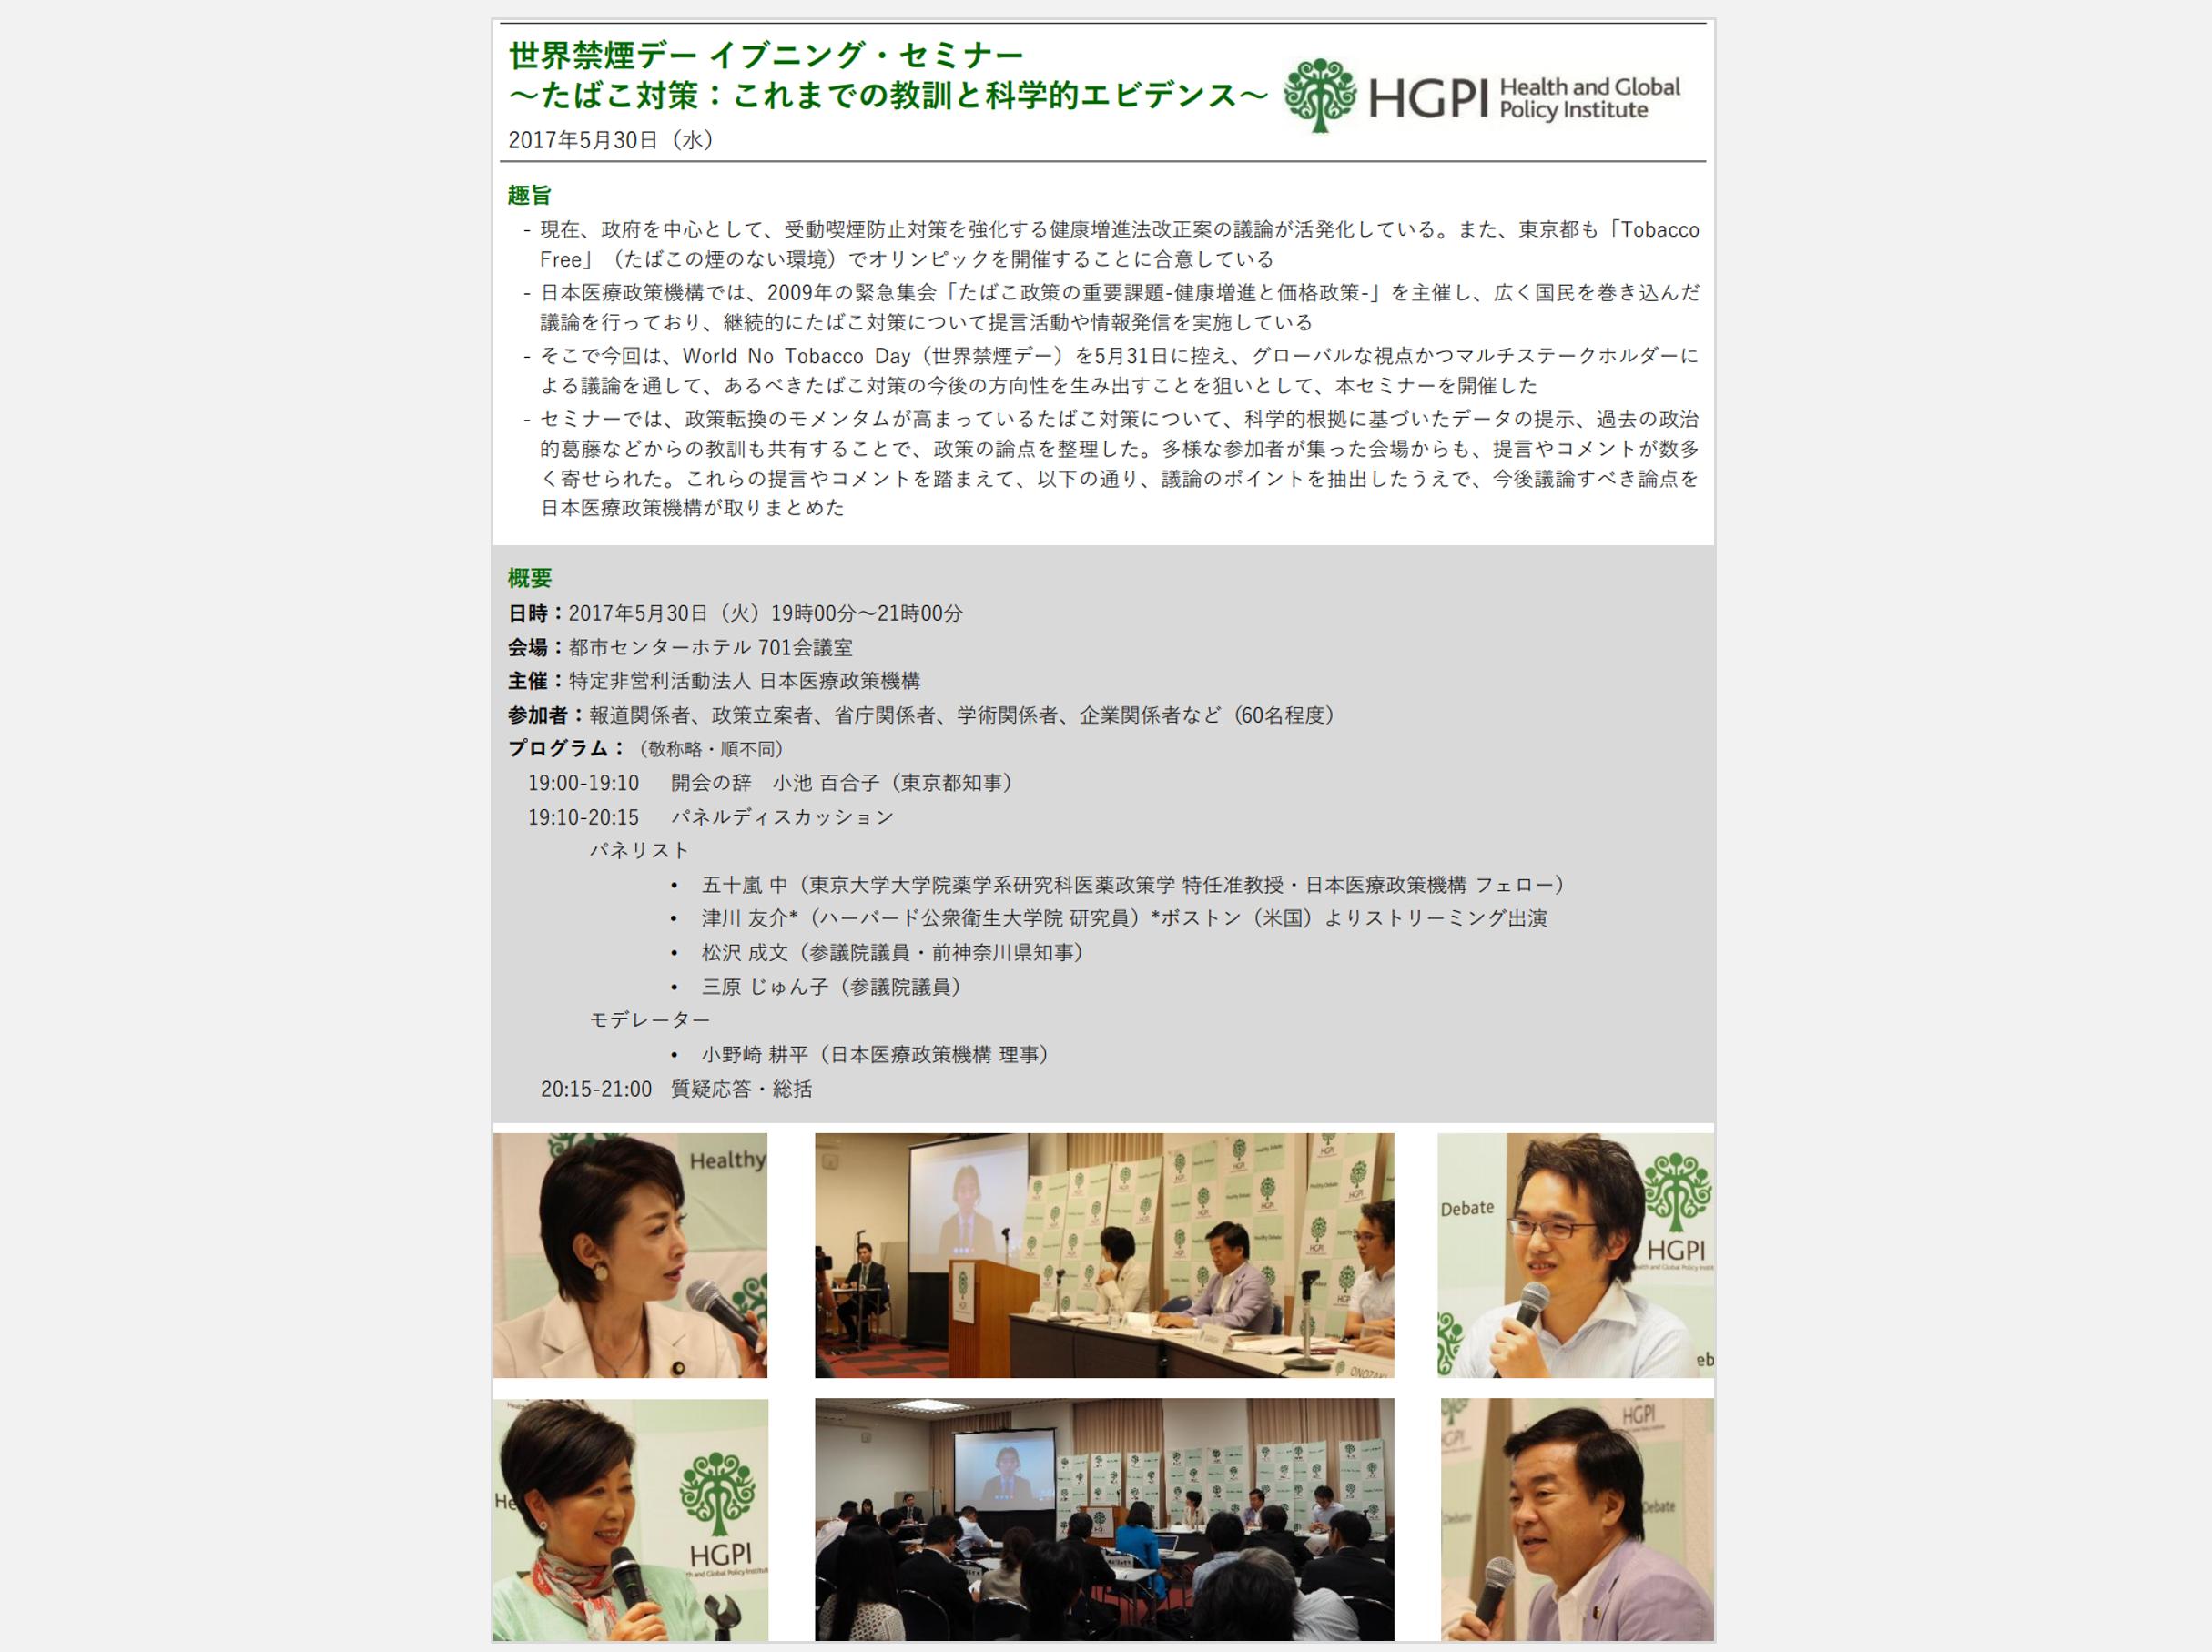 【開催報告】世界禁煙デー イブニング・セミナー 「~たばこ対策:これまでの教訓と科学的エビデンス~」